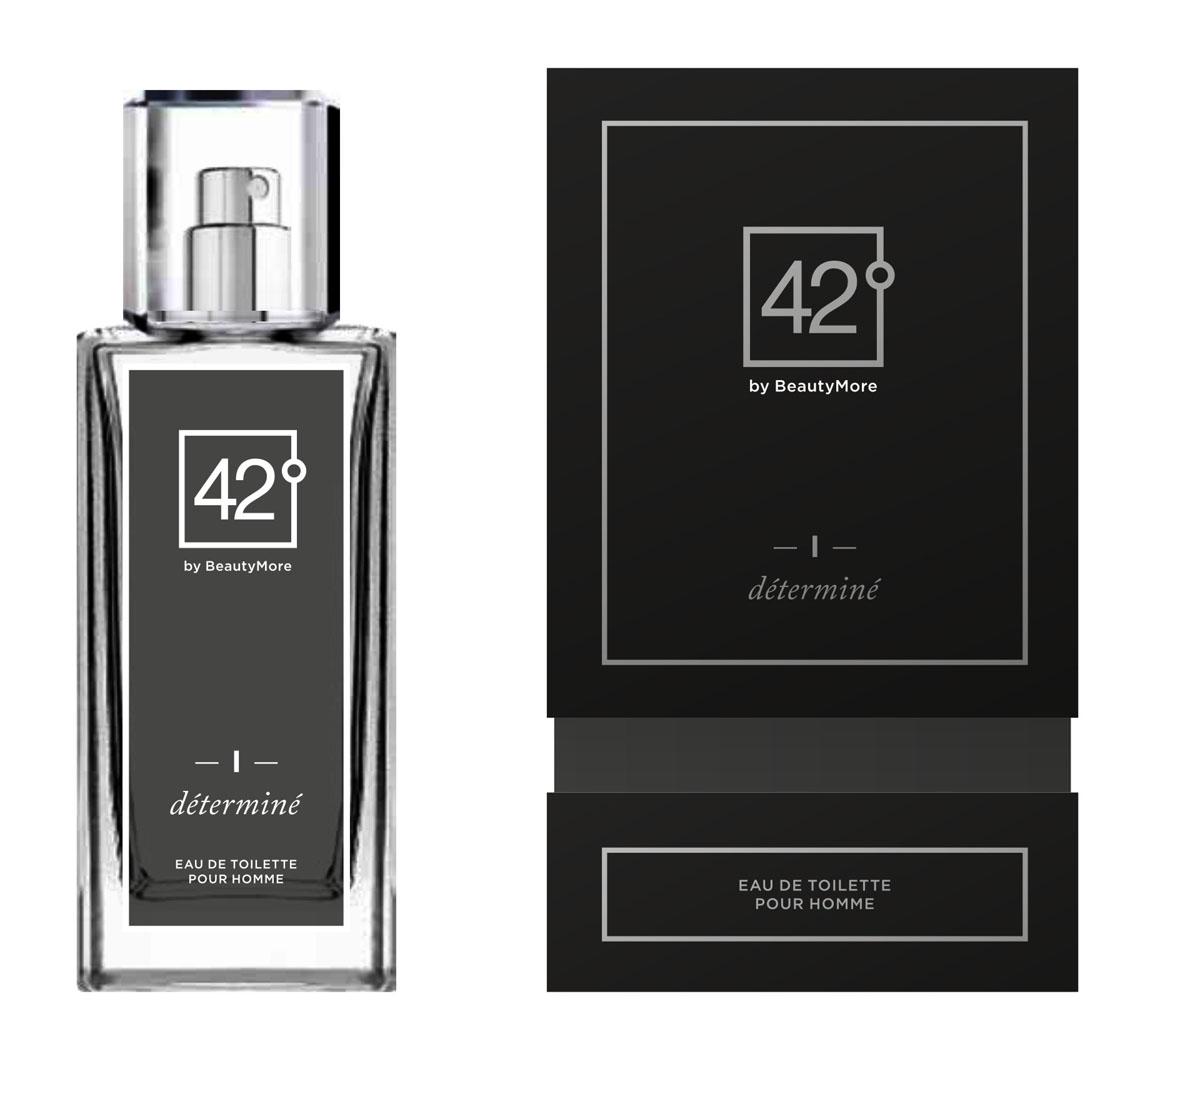 Fragrance 42 Туалетная вода для мужчин I Determine 100 мл42-96157Детермин - аромат созданный для настоящих,решительных, мужчин,уверенных в себе и смело покоряющих любые цели. Этот аромат станет завершающей ноткой в вашем неотразимом образе. Верхняя нота- Маклюра оранжевая,туя, нота сердца - аромат кедра,жасмин,сосна Лимба,базовые ноты - пачули,ветивер,мускус.